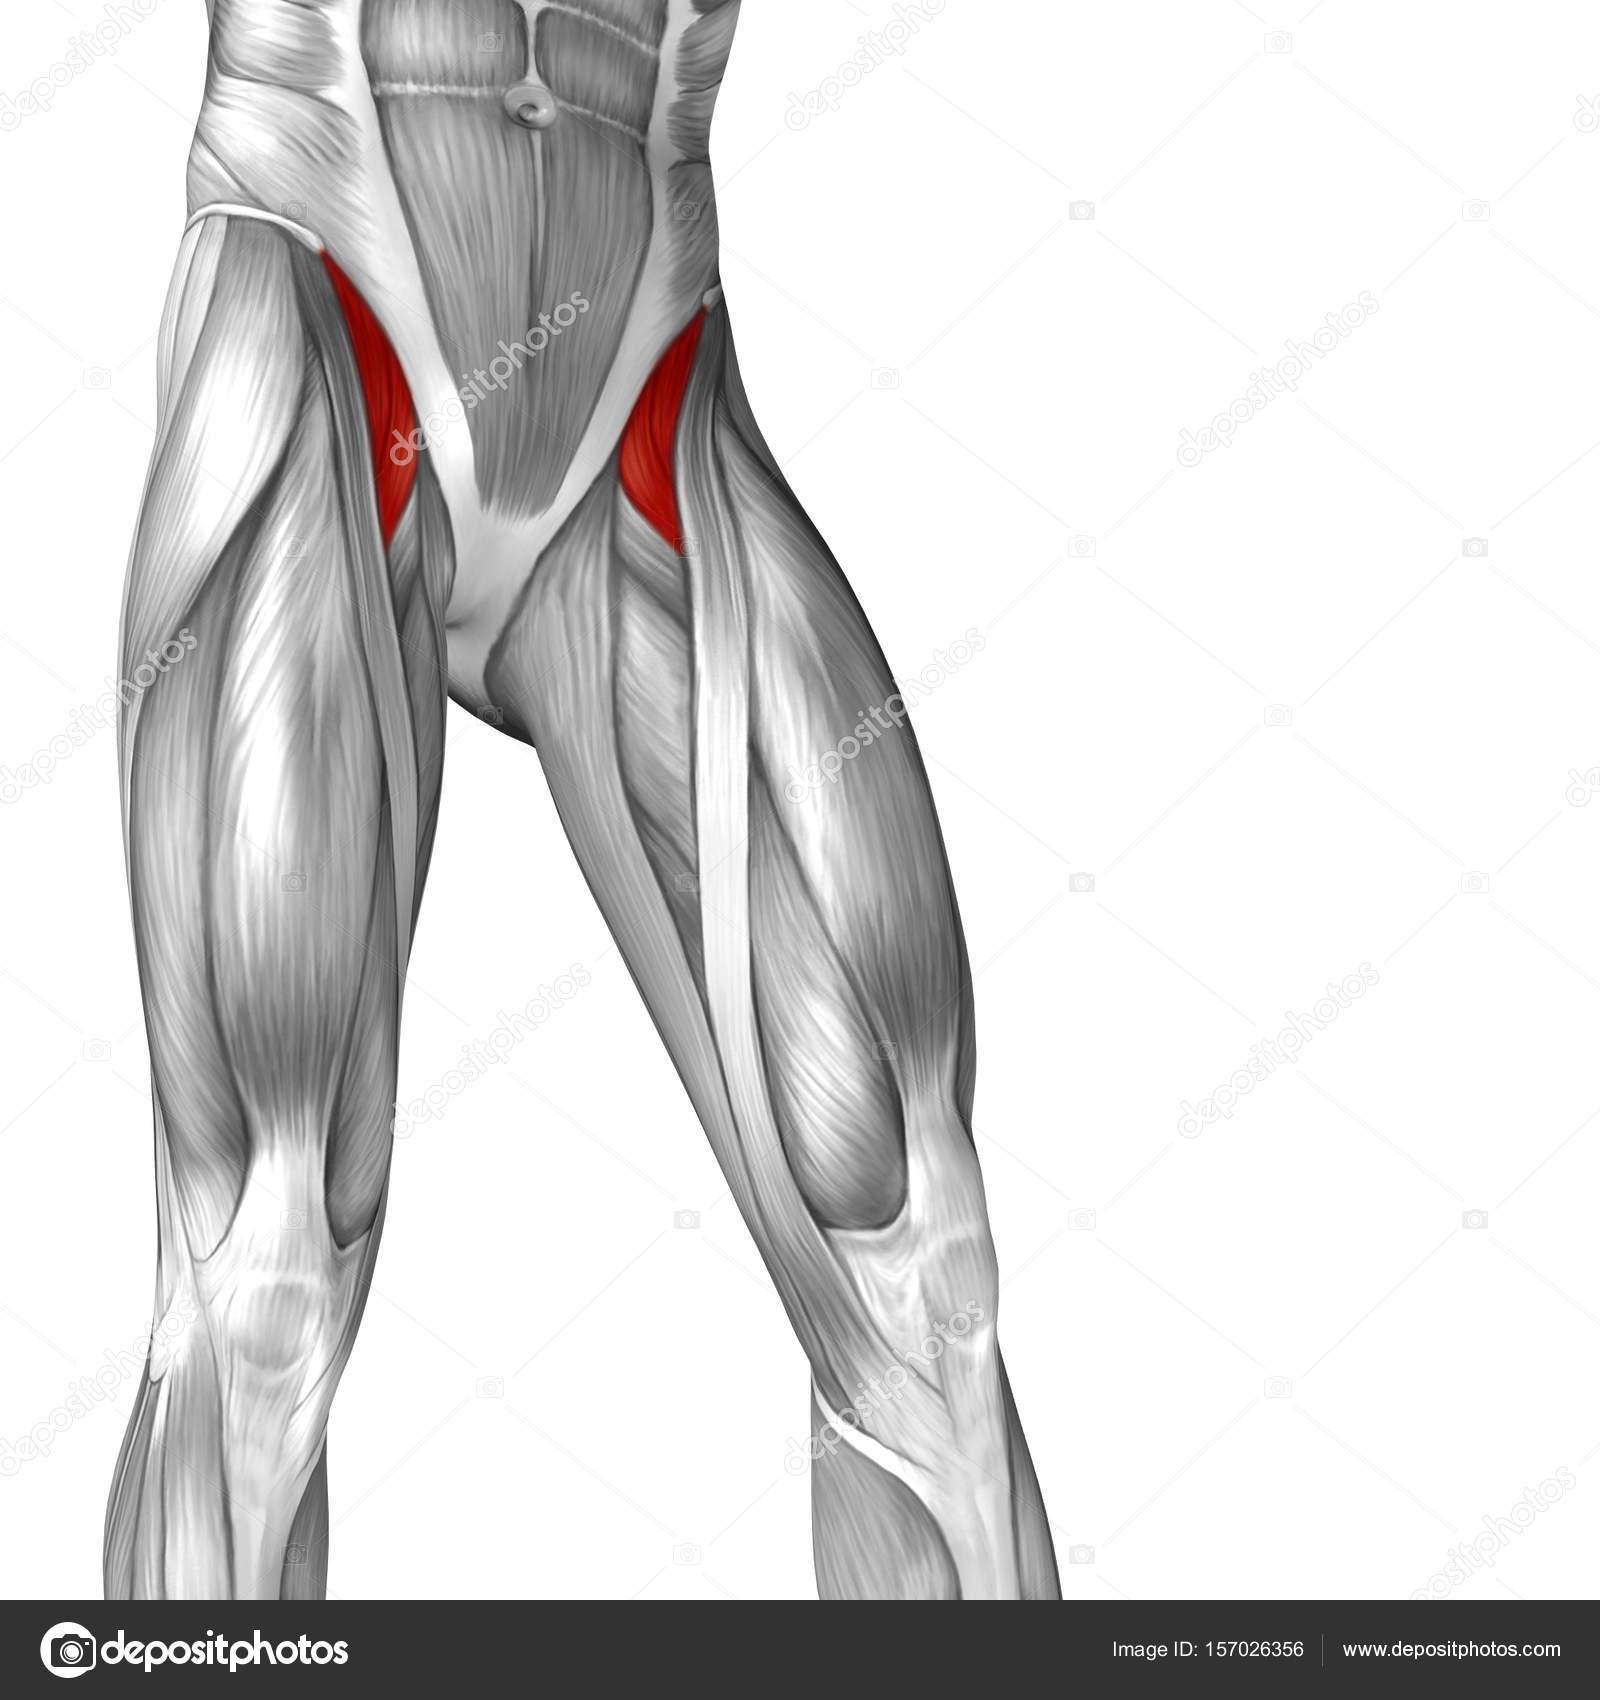 menschliche Oberschenkel-Anatomie — Stockfoto © design36 #157026356